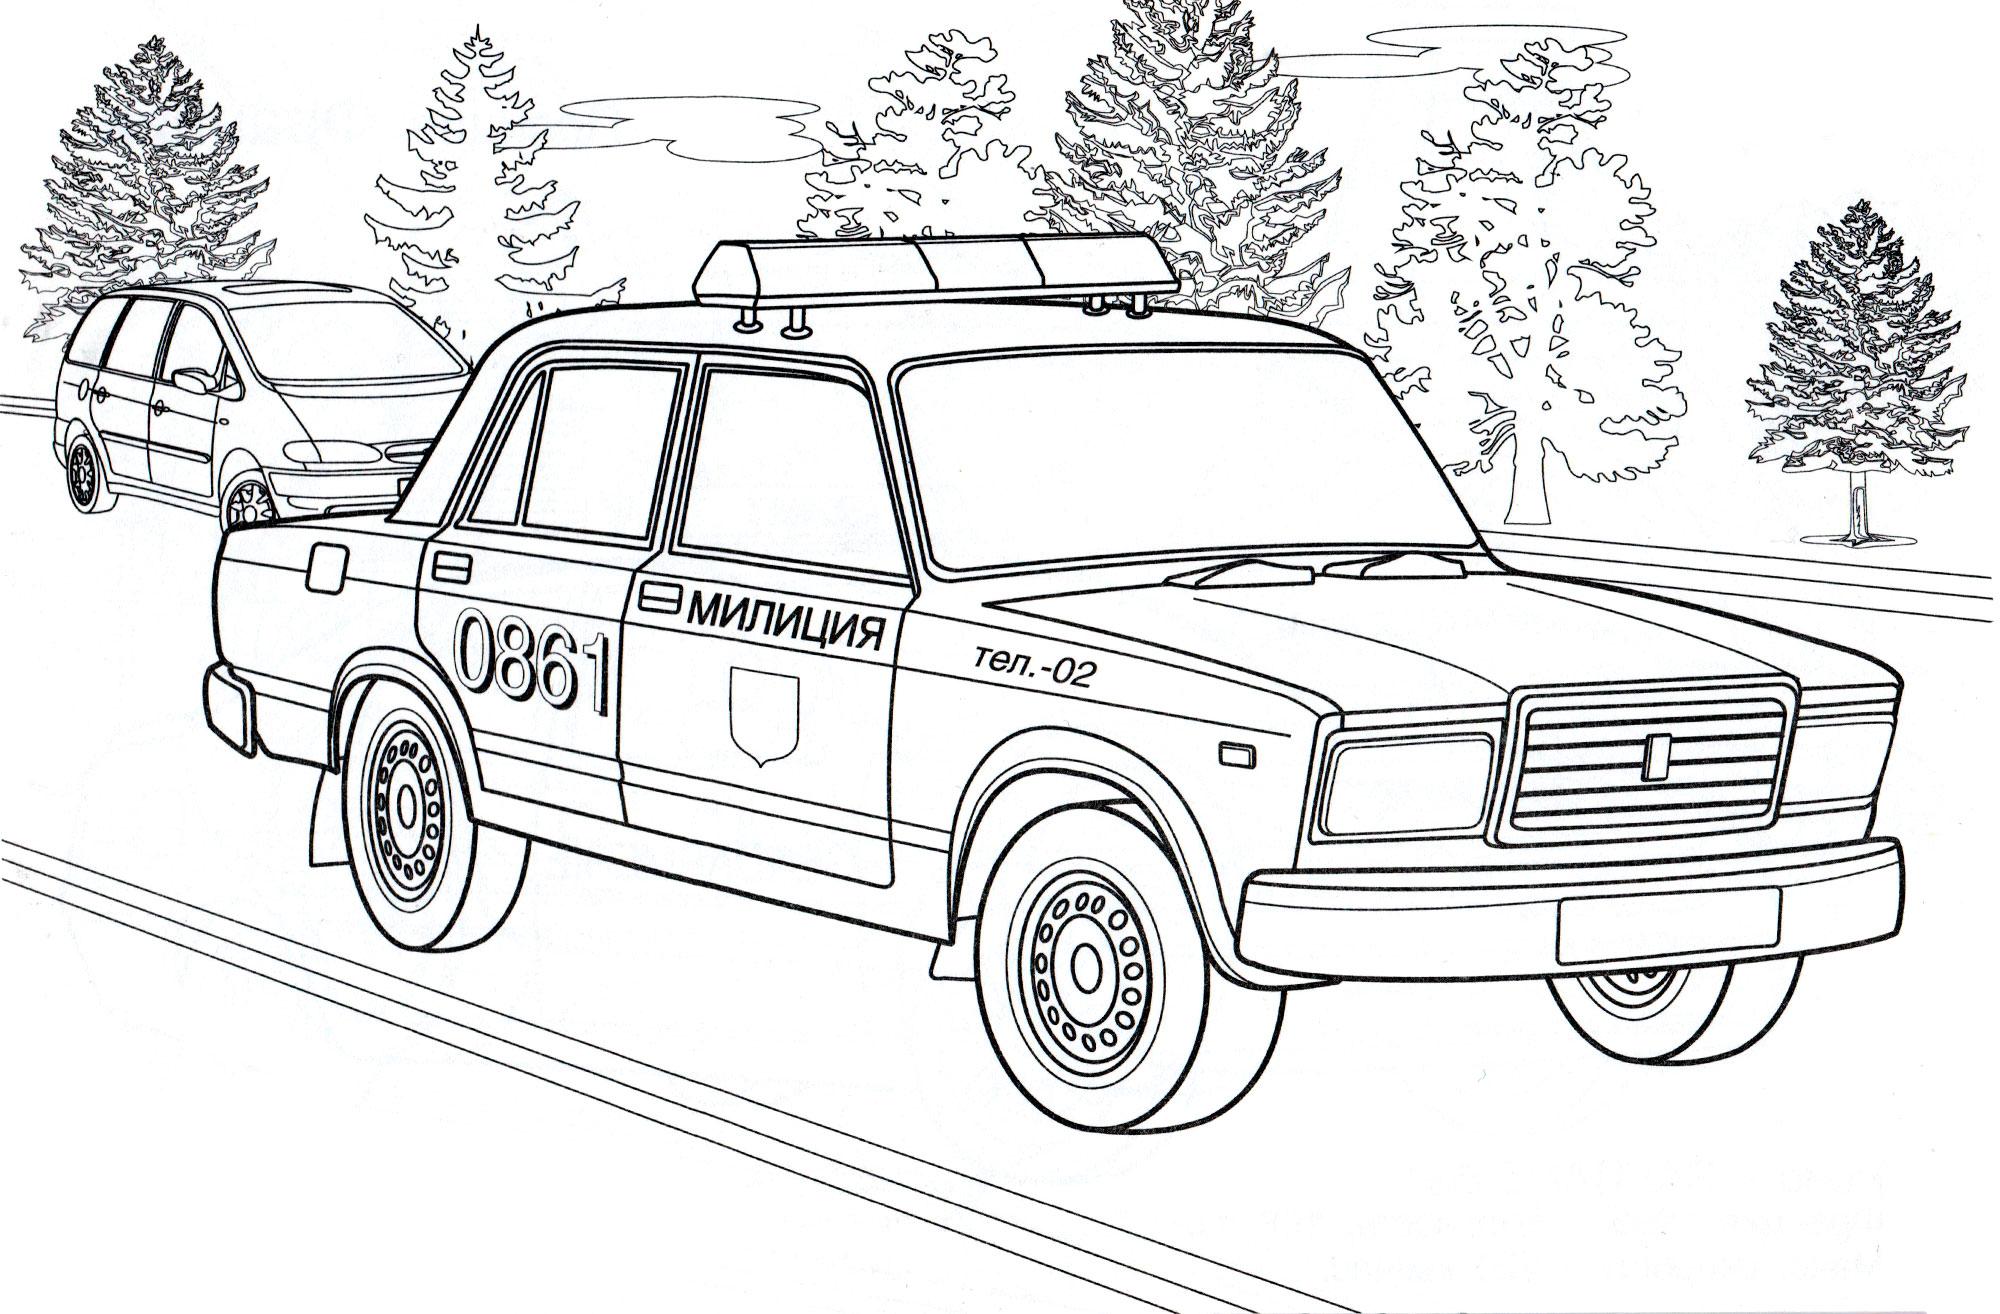 Раскраска Машина милиции Россия - распечатать бесплатно